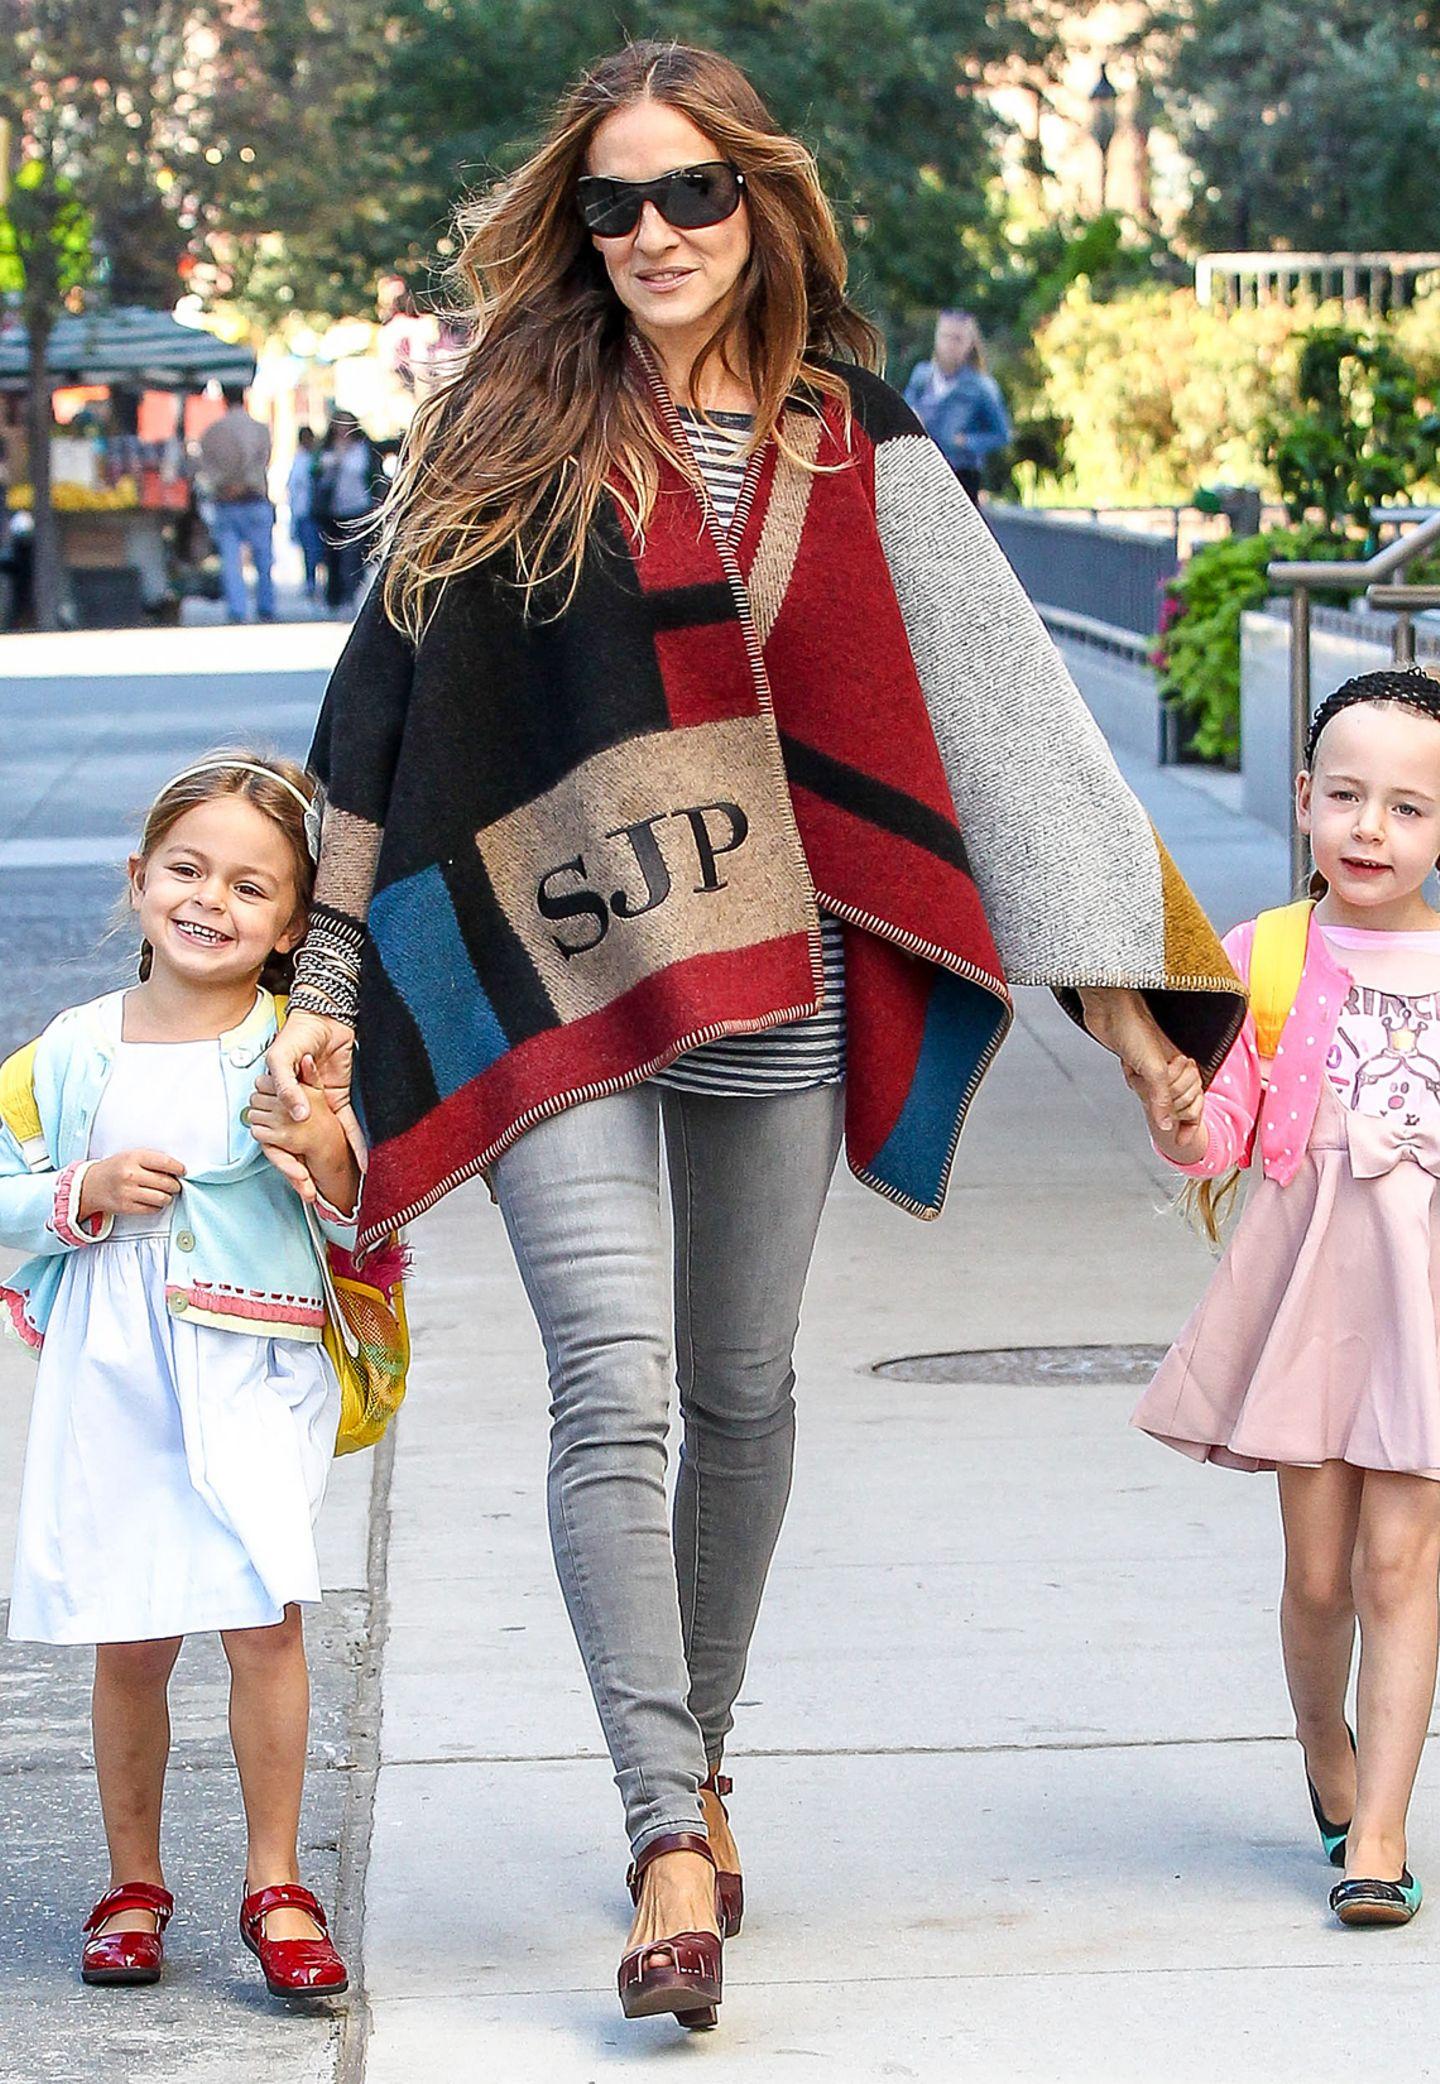 Auch Sarah Jessica Parker verpasst den Poncho-Trend nicht und bringt warm eingehüllt in ihre Zwillinge Tabitha und Marion zur Schule.